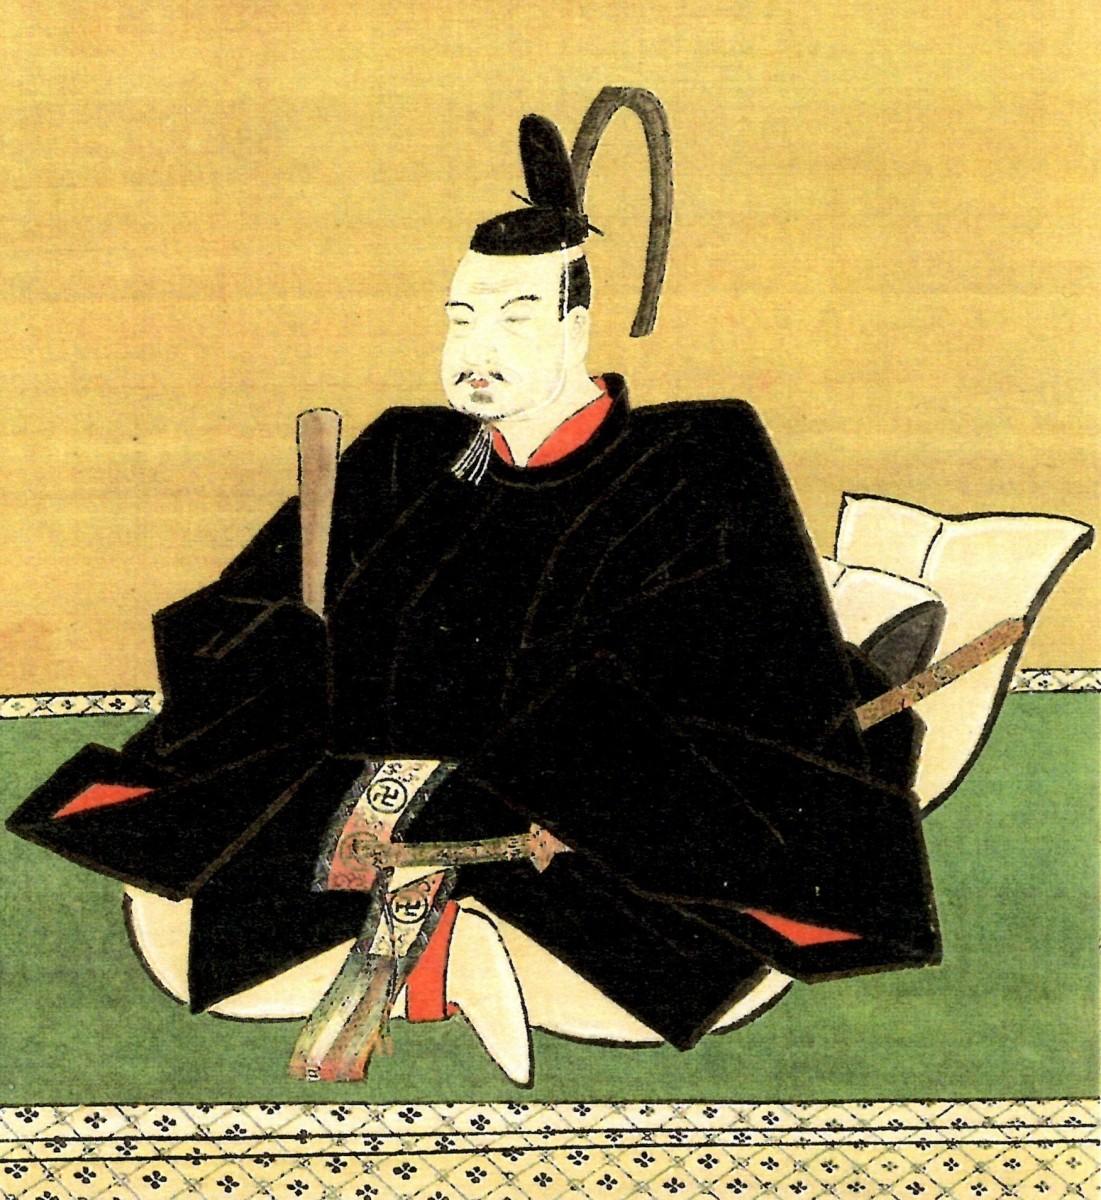 Восьмой правитель Токусимы - Хатисука Мунешиге (Хачисука Мунэсигэ)